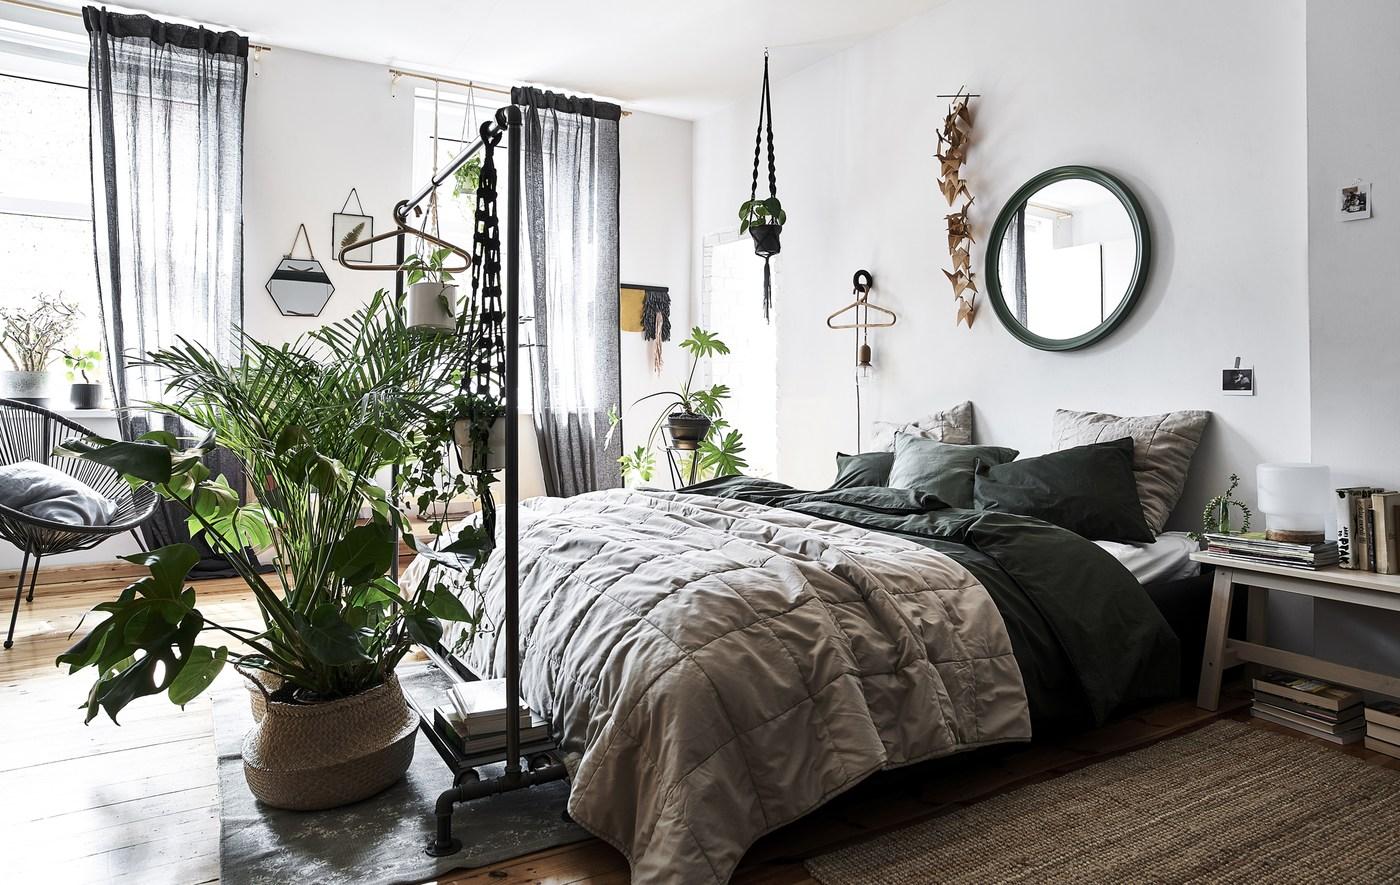 Chambre à coucher peinte en blanc, linge de lit aux teintes naturelles, et plantes dans des paniers en osier